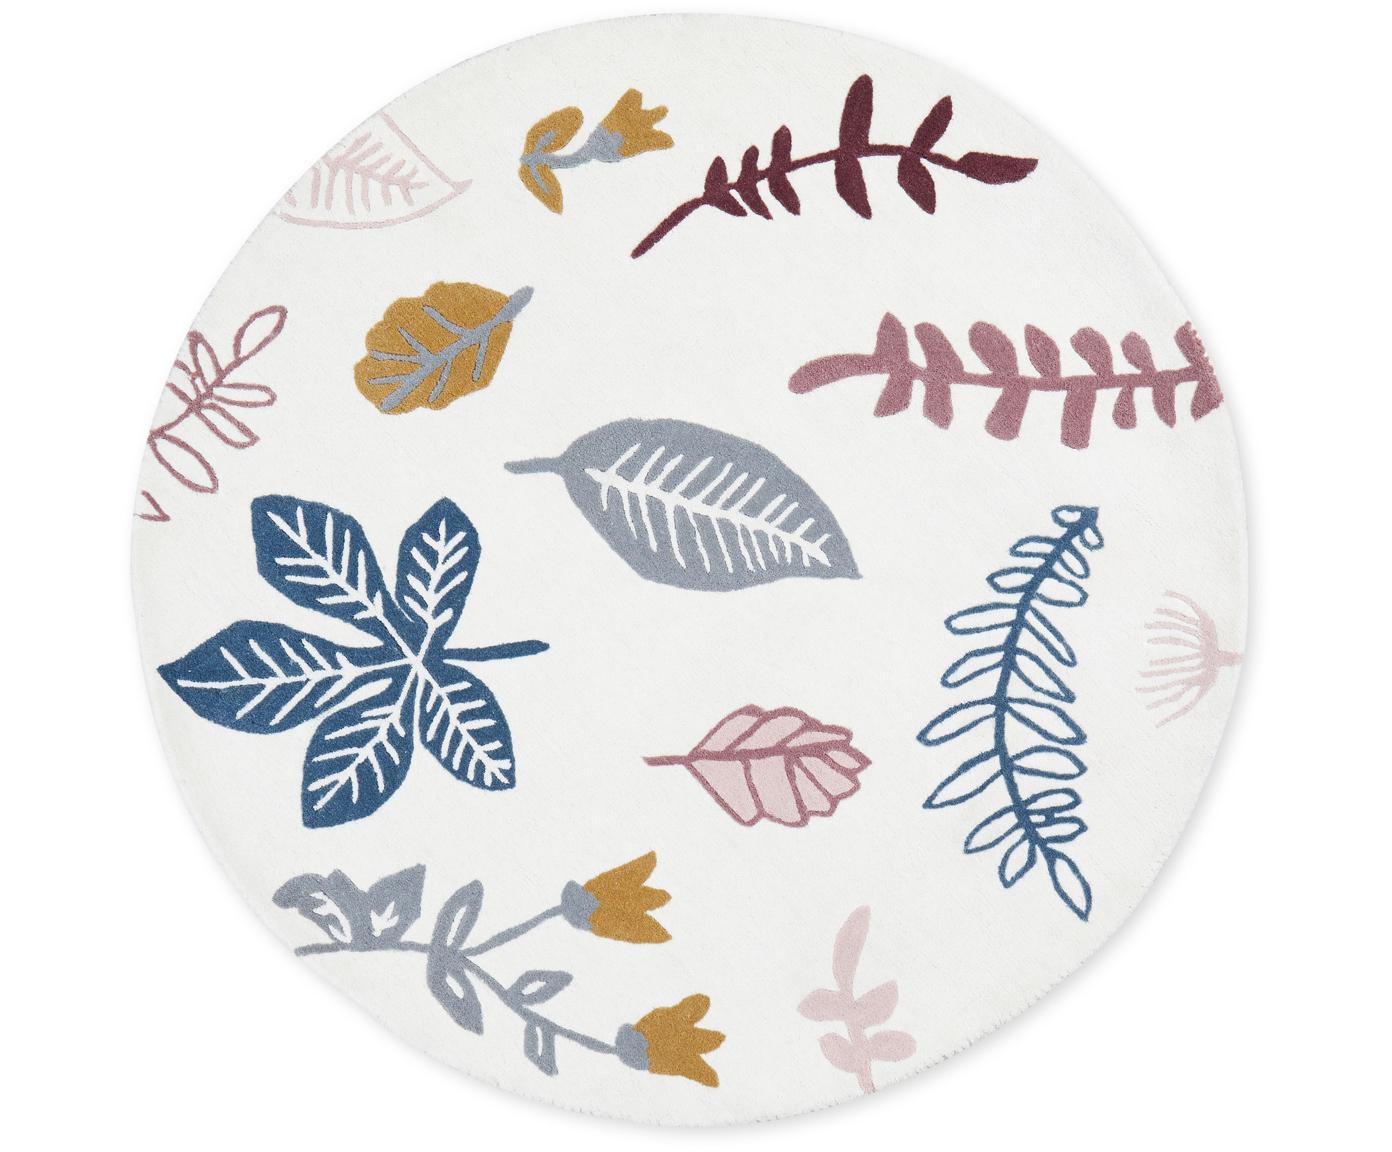 Wollteppich Pressed Leaves, Wolle, Creme, Rosa, Blau, Grau, Gelb, Ø 110 cm